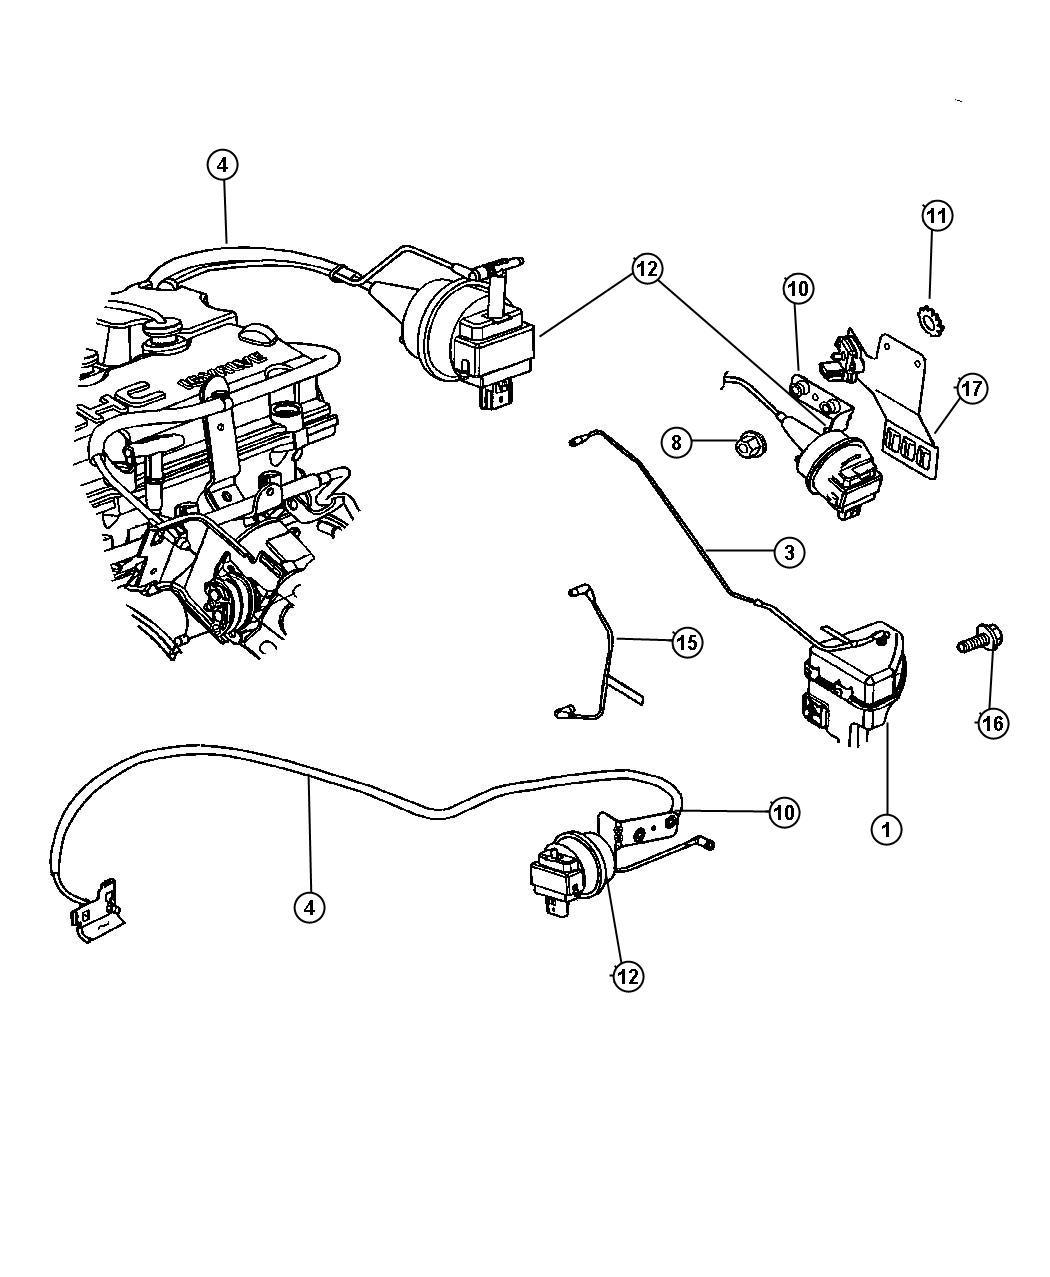 2004 Dodge 2 4l Engine Diagram. Dodge. Auto Wiring Diagram